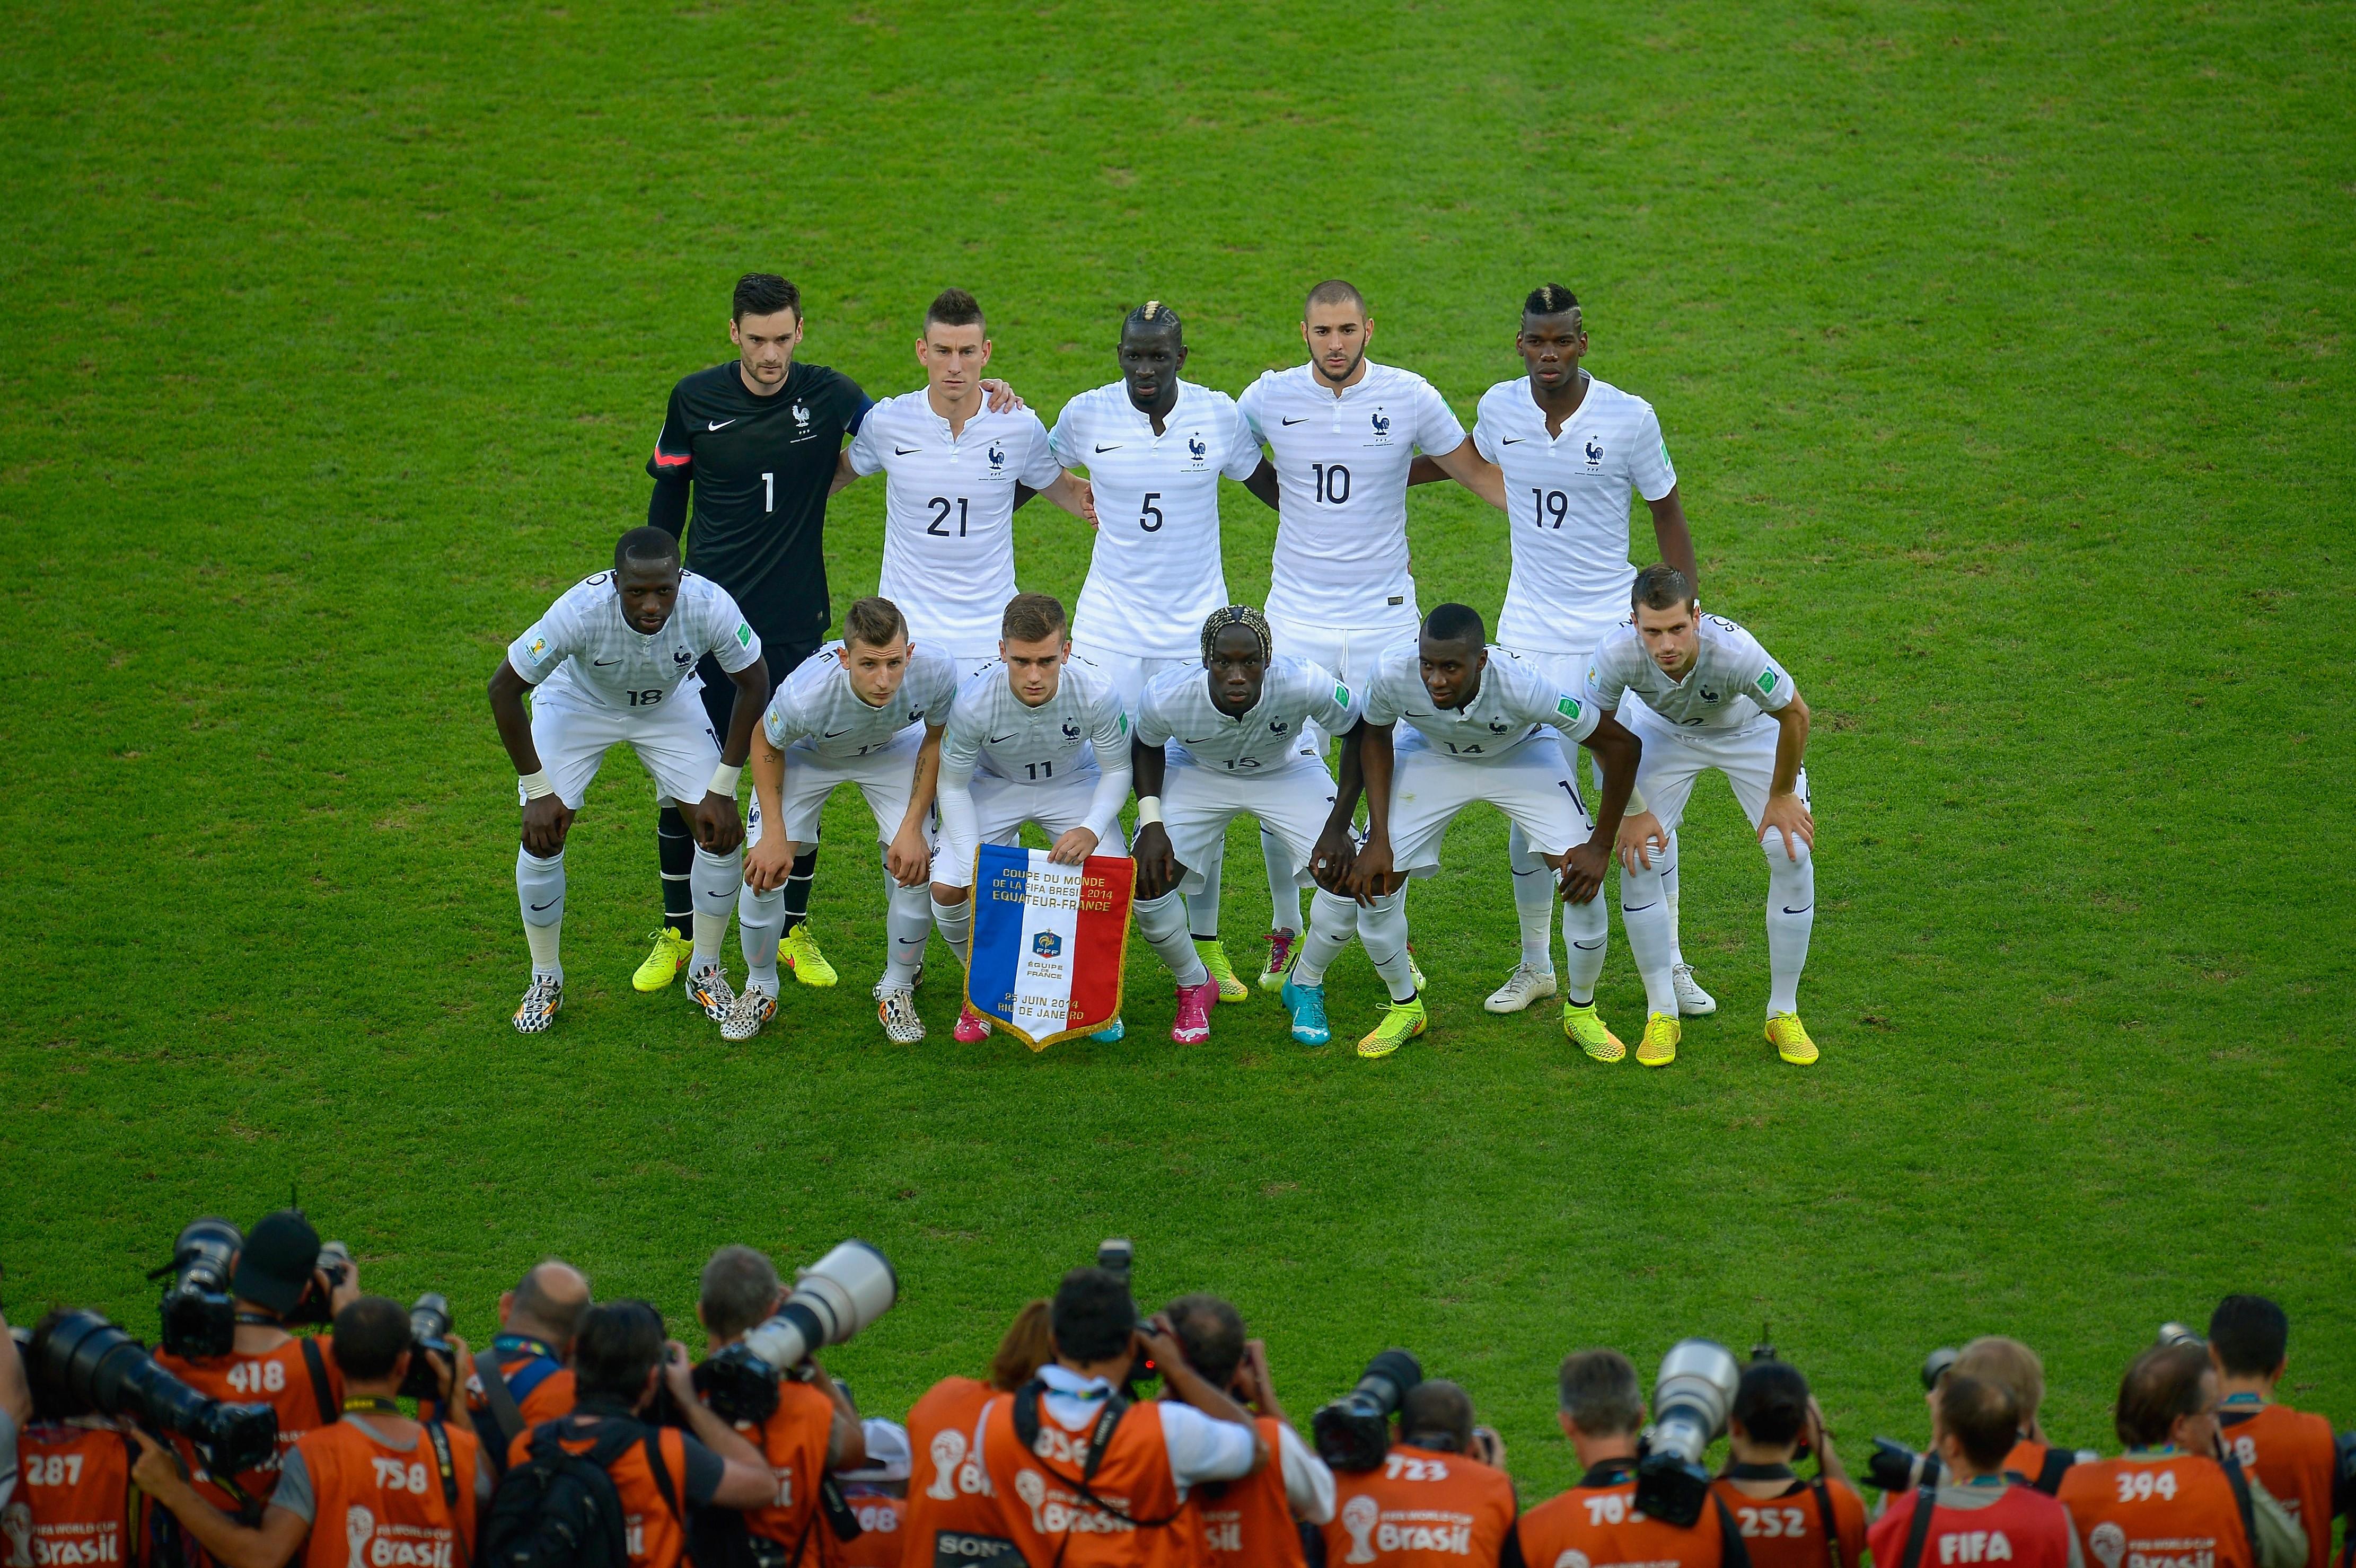 Еквадор – Франція 0:0. Збій системи - изображение 3